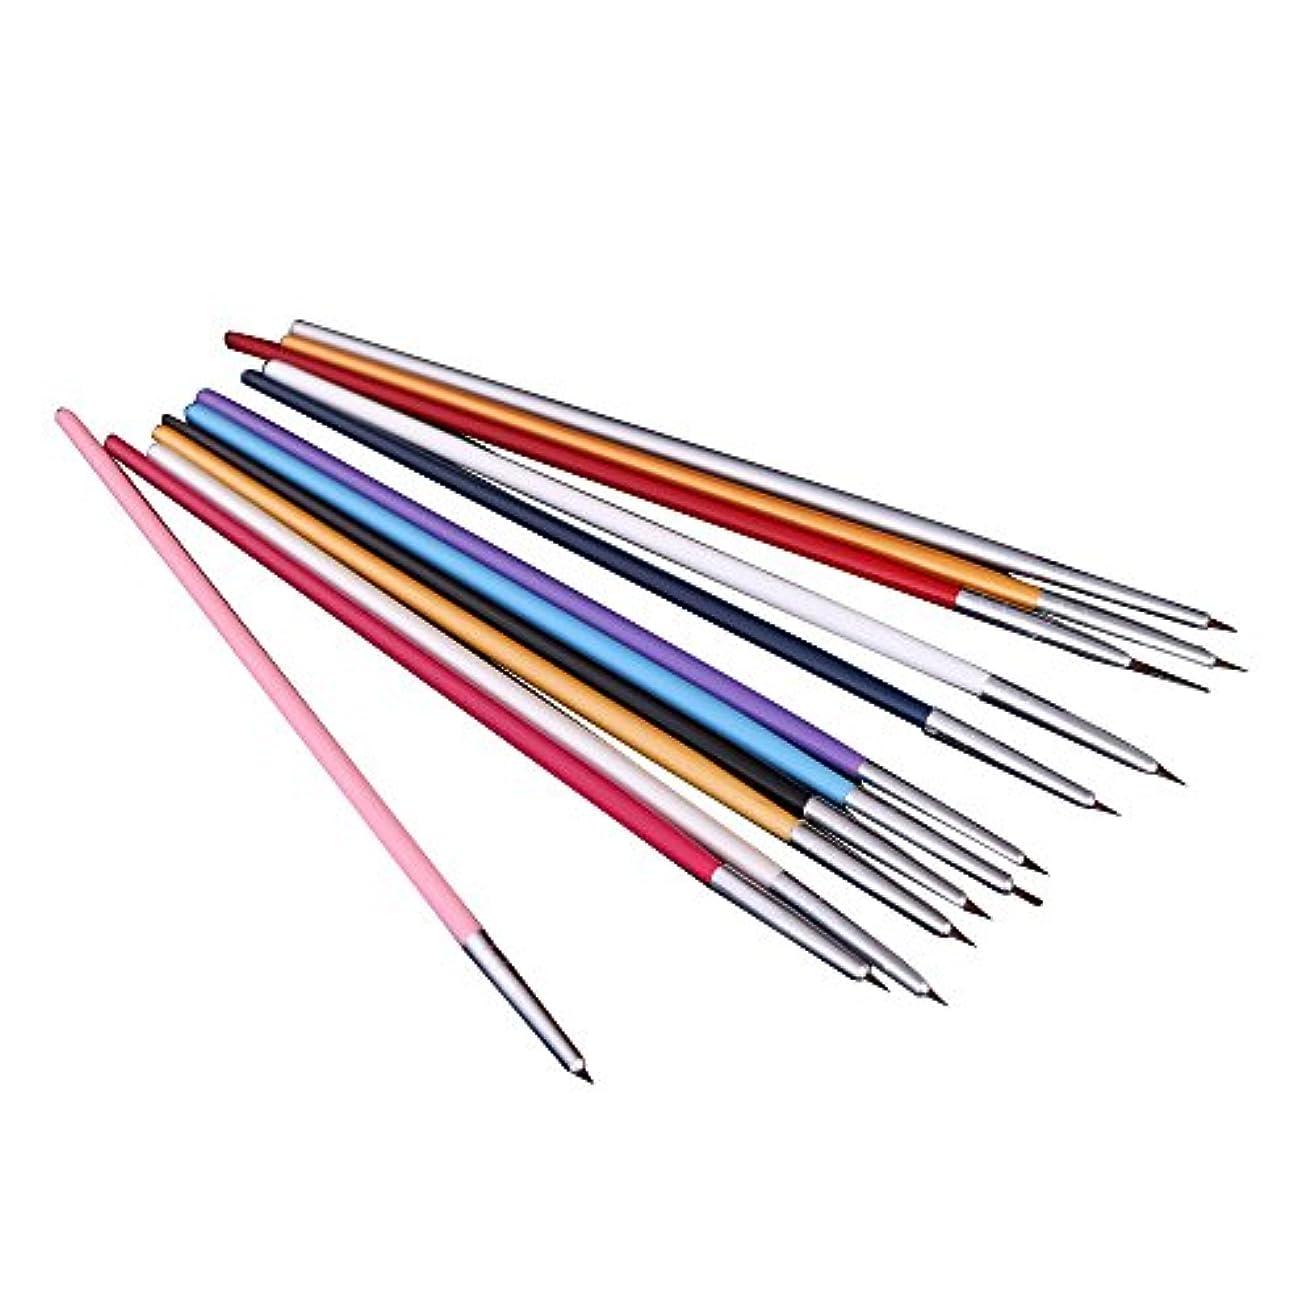 投げる推定する権利を与えるRETYLY 12xペンとブラシ ネイルアートのため 研磨ネイルペインティングDIY 専門ツール